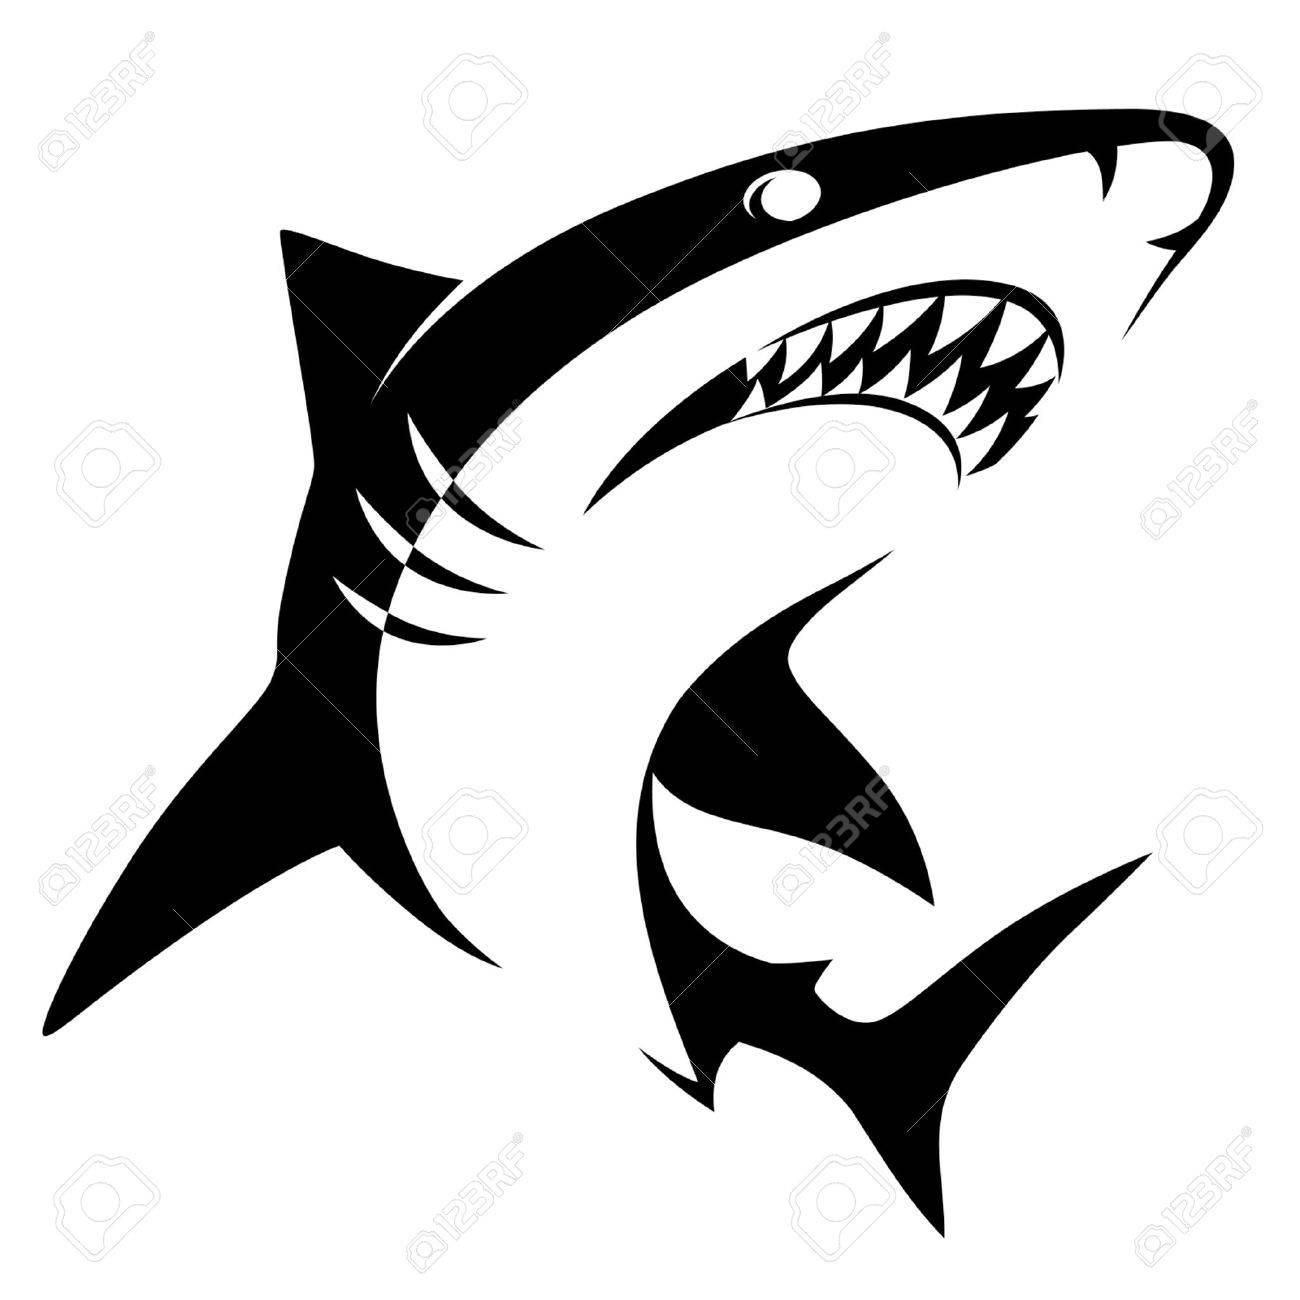 Shark sign - 33733083